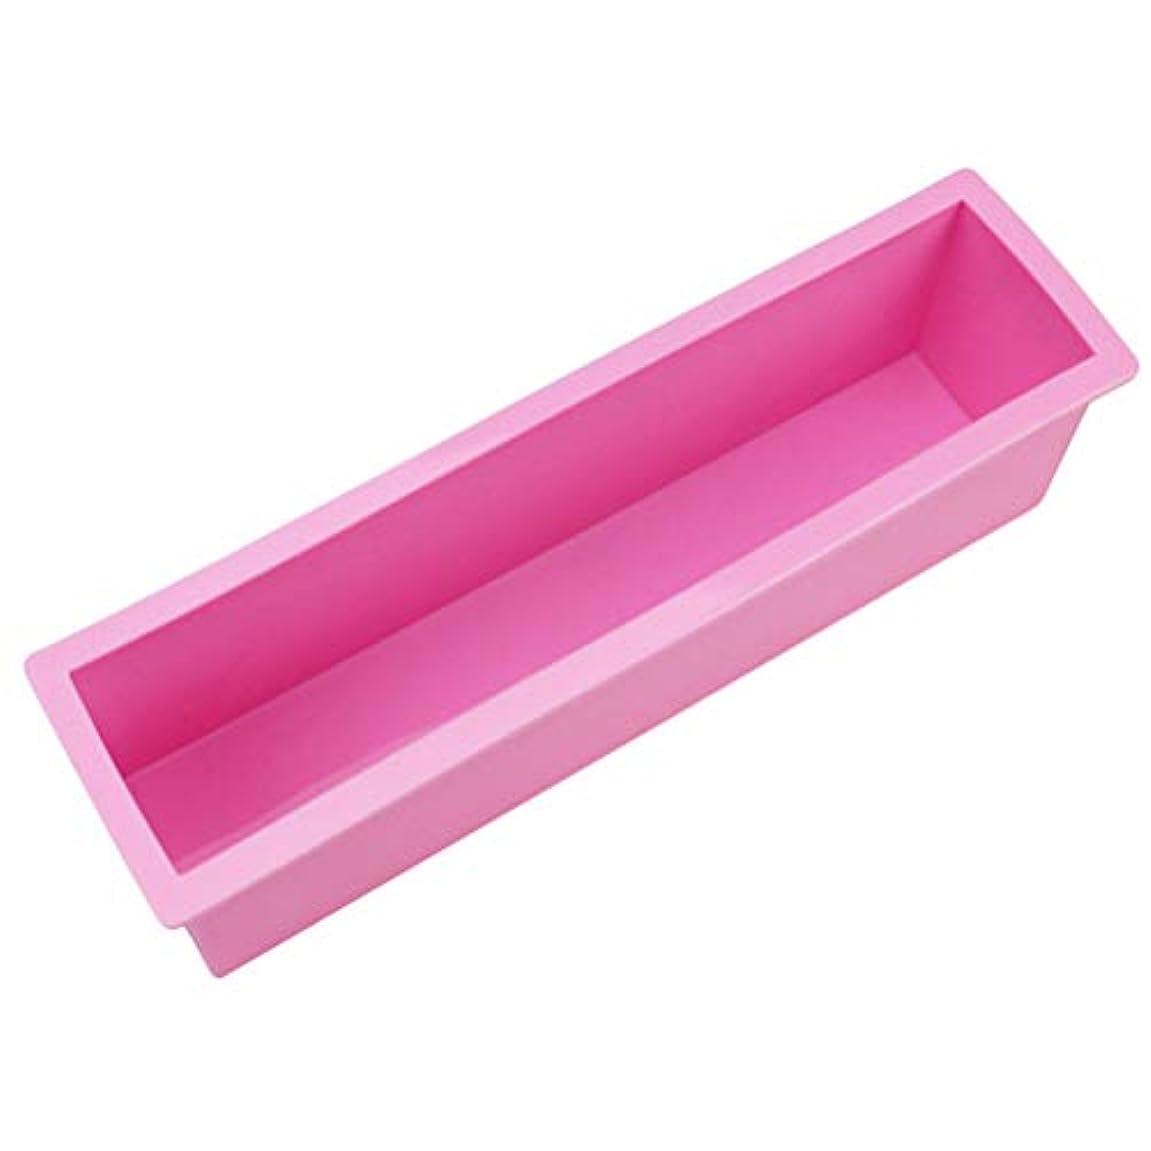 の間で精査するパラシュートYardwe 石鹸ケーキミートローフ用品のための柔軟な長方形のシリコンソープモールドロープ(ランダムカラー)サイズL